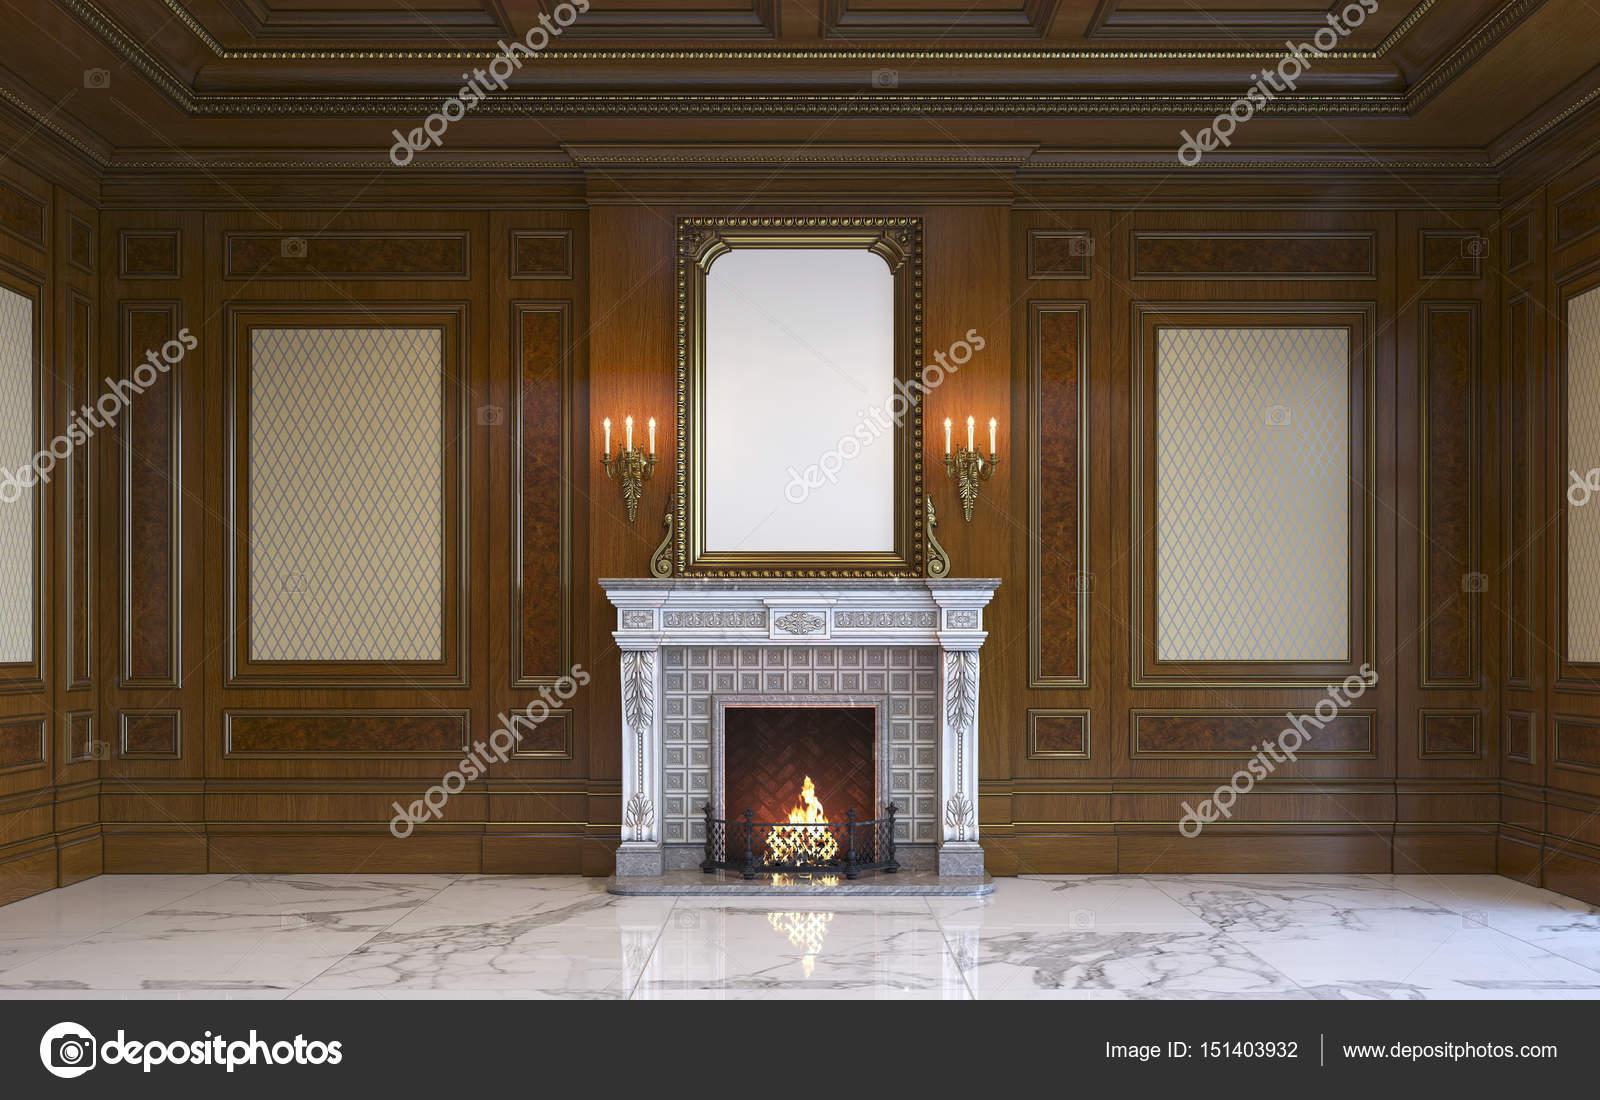 Een Klassiek Interieur : Een klassiek interieur met houten lambrisering en open haard. 3d